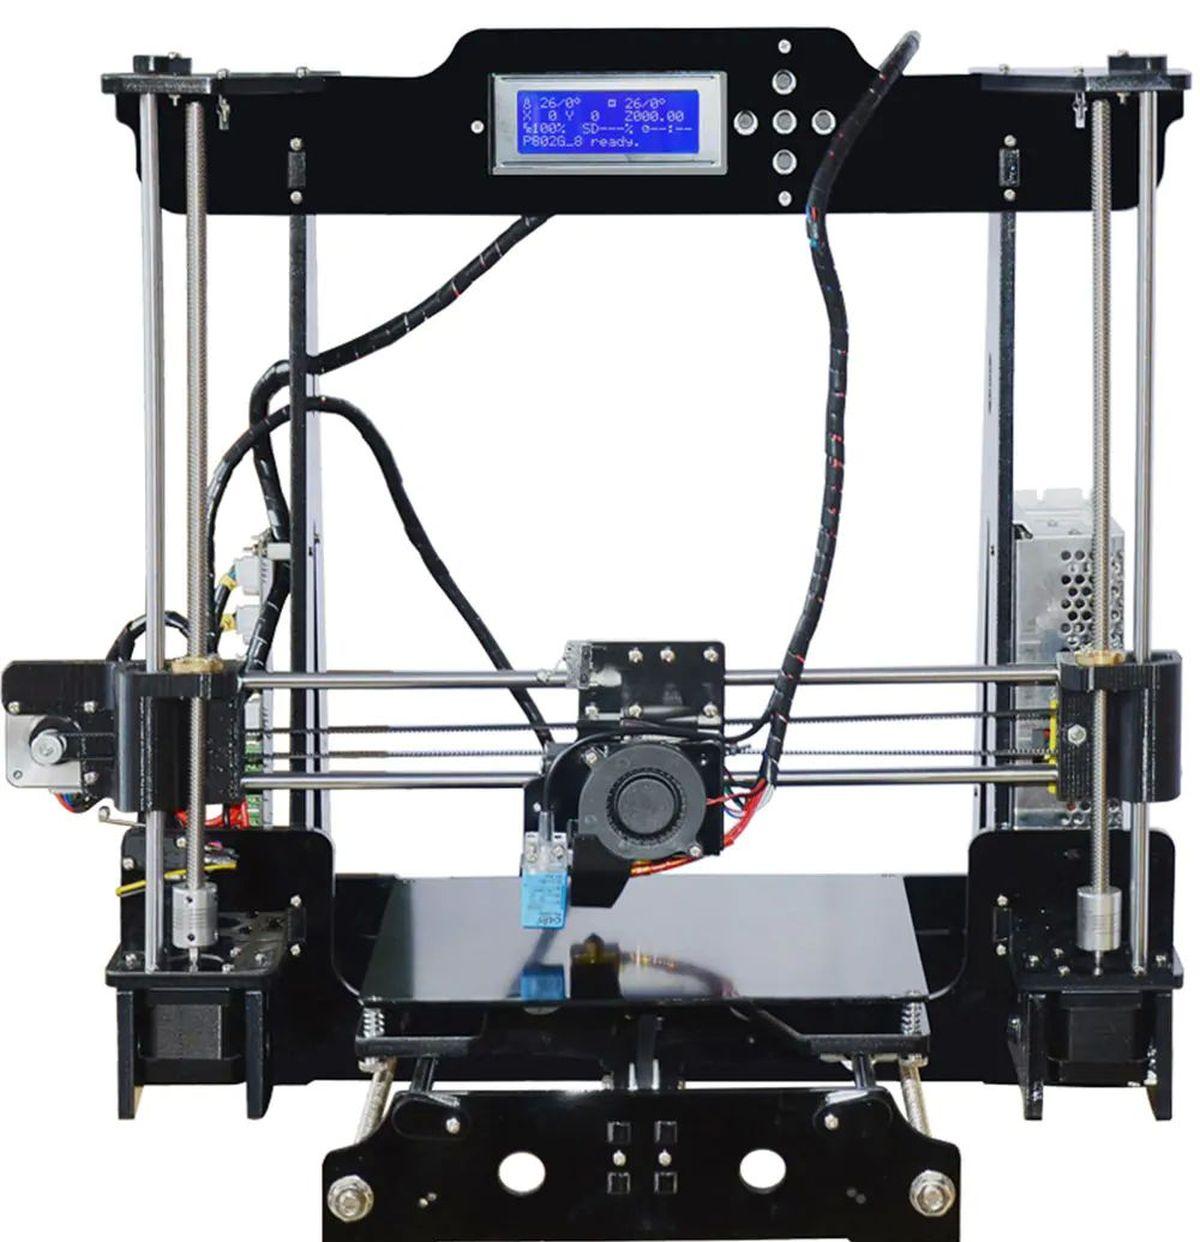 La Tronxy P802MA fait partie des imprimantes 3D à moins de 150 euros